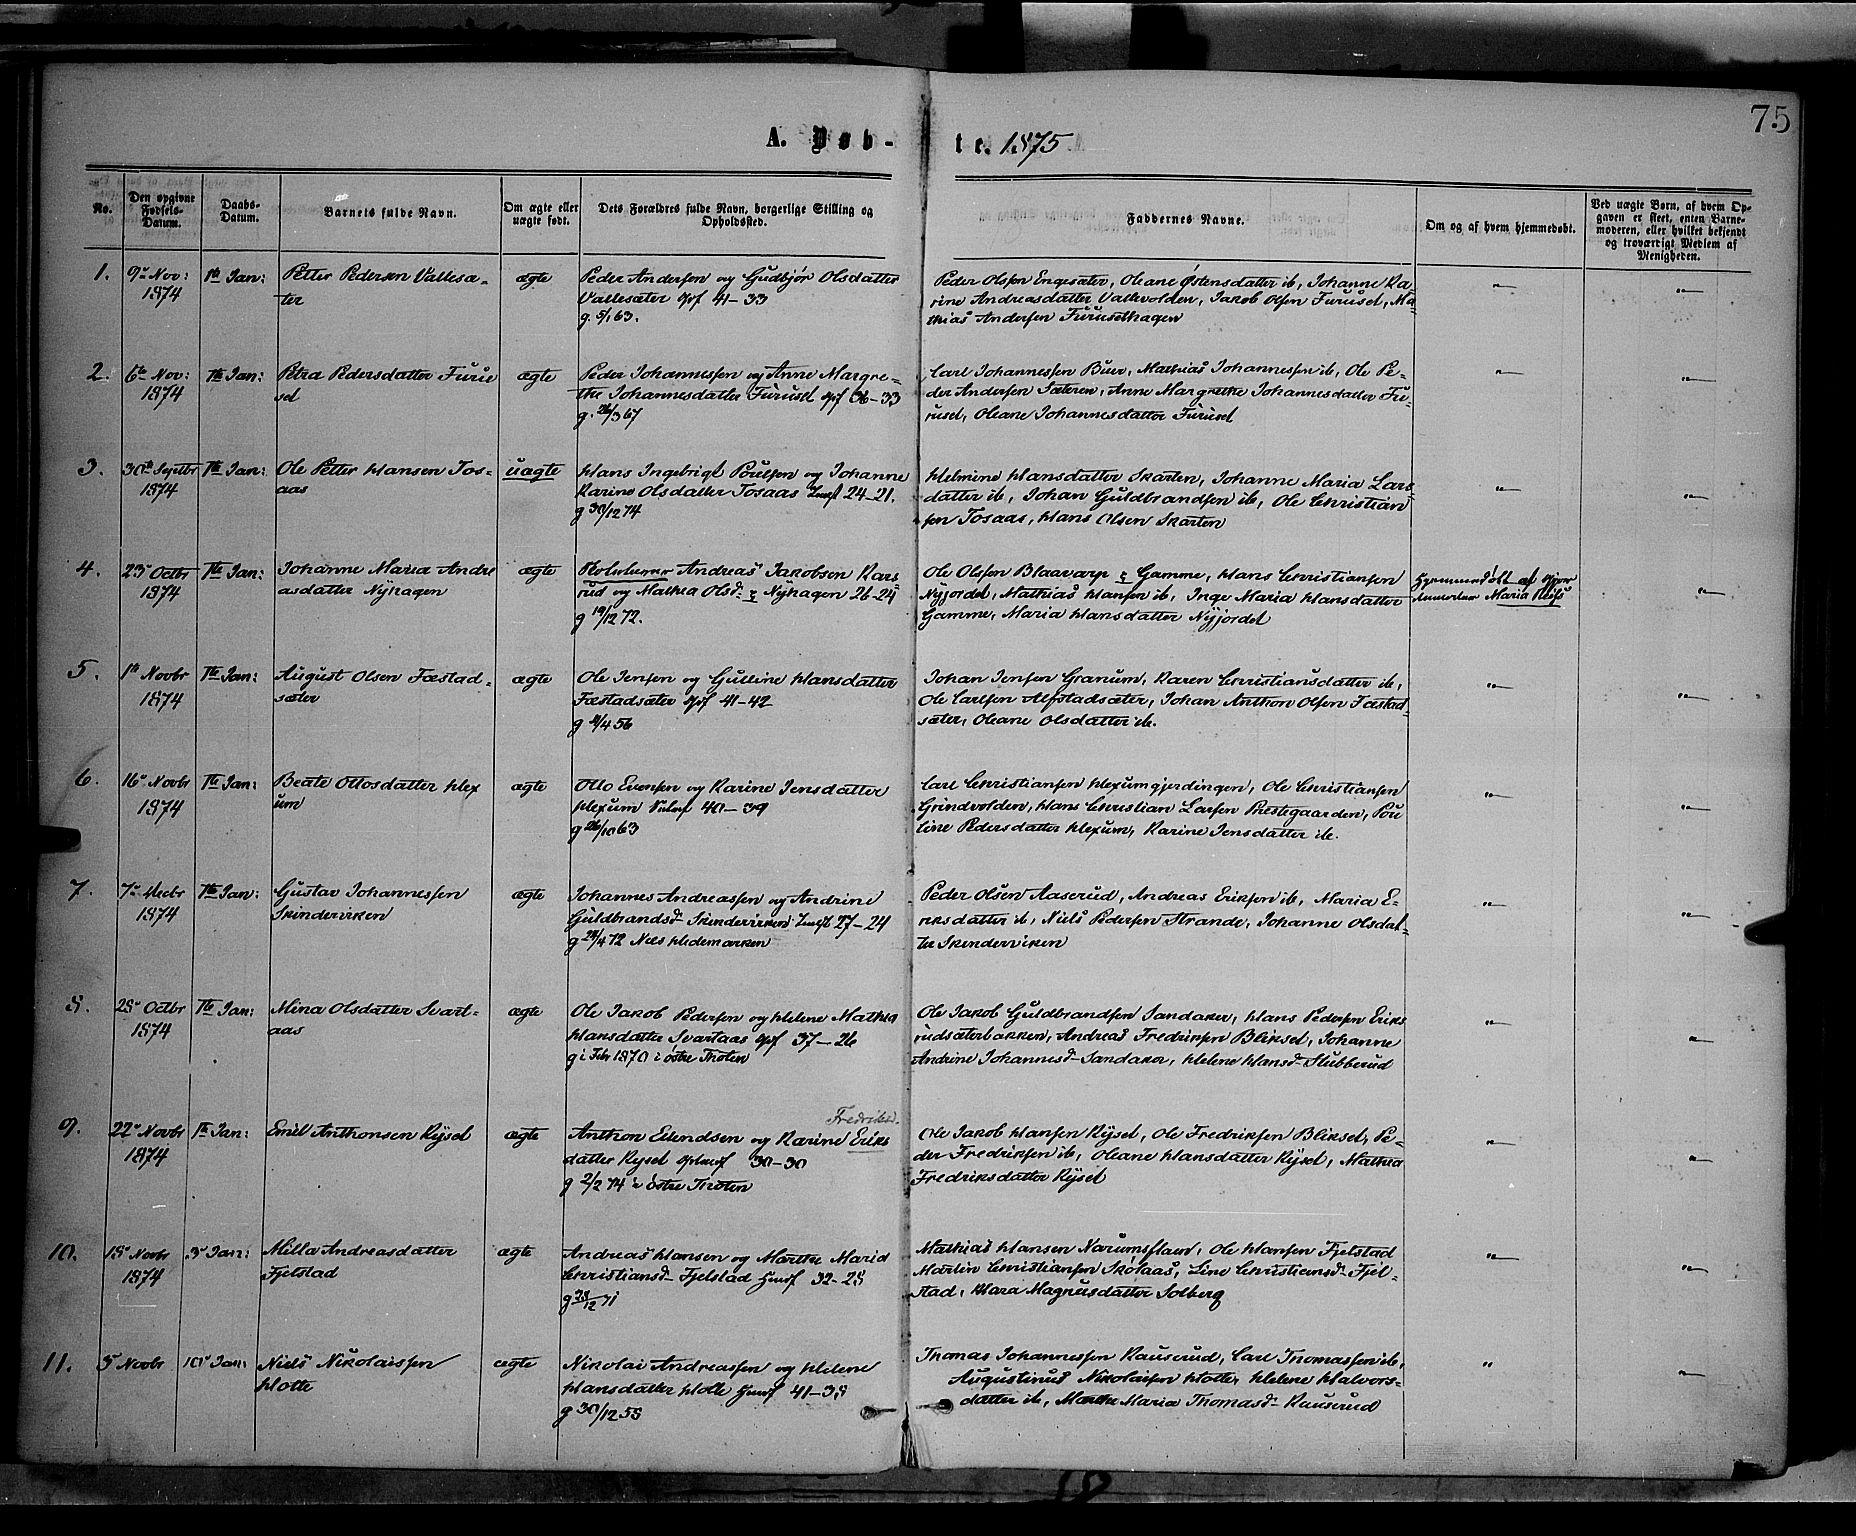 SAH, Vestre Toten prestekontor, Ministerialbok nr. 8, 1870-1877, s. 75